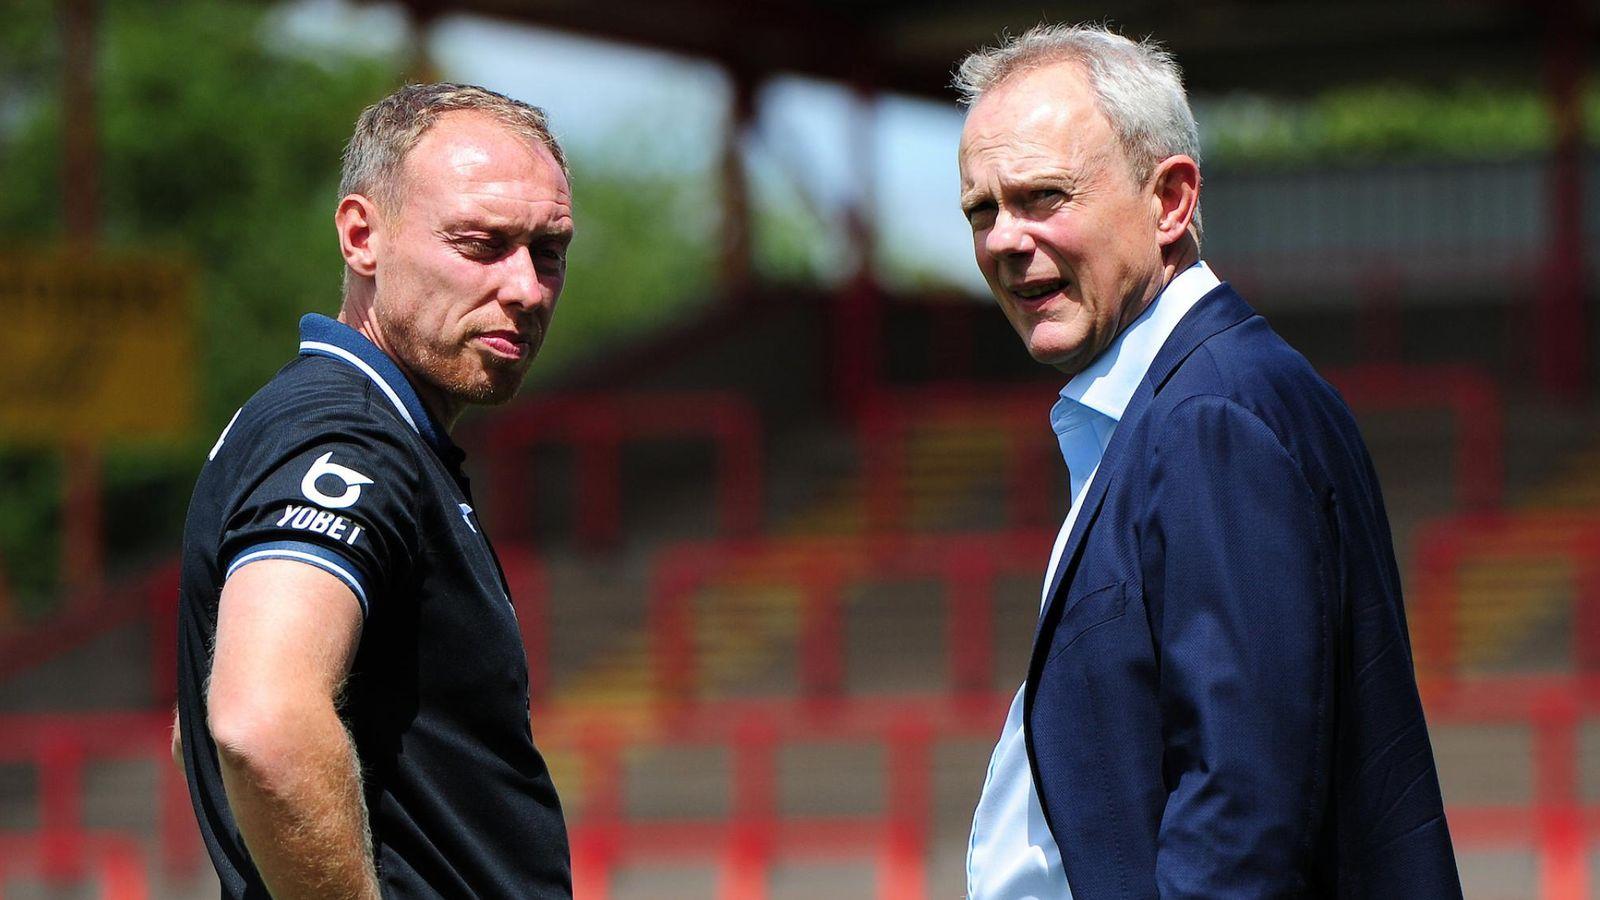 El gerente de Swansea Steve Cooper y el presidente Trevor Birch acuerdan aplazamientos salariales | Noticias de futbol 51